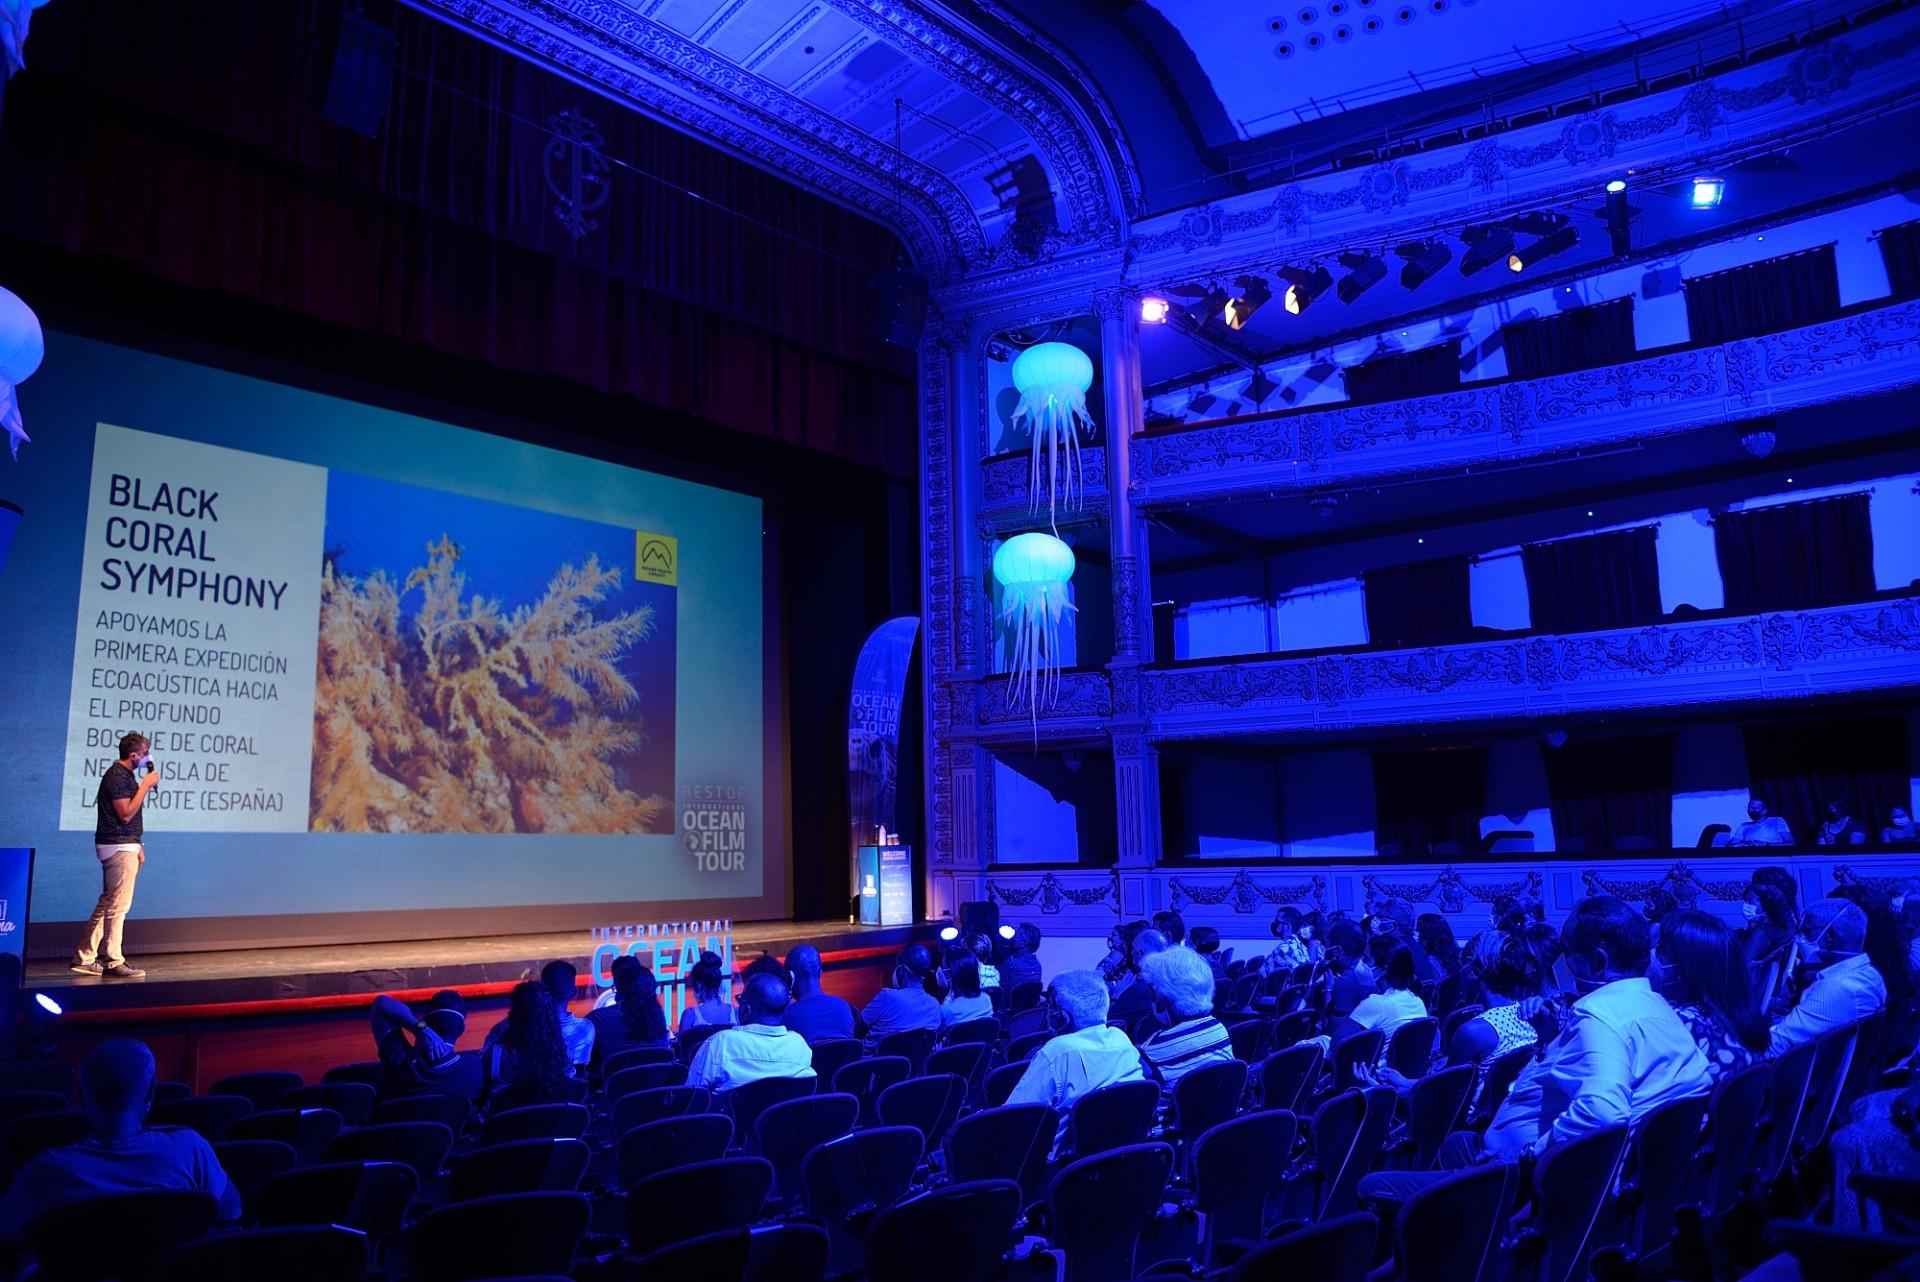 La magia de los bosques submarinos de coral negro de Lanzarote en el prestigioso festival International Ocean Film Tour